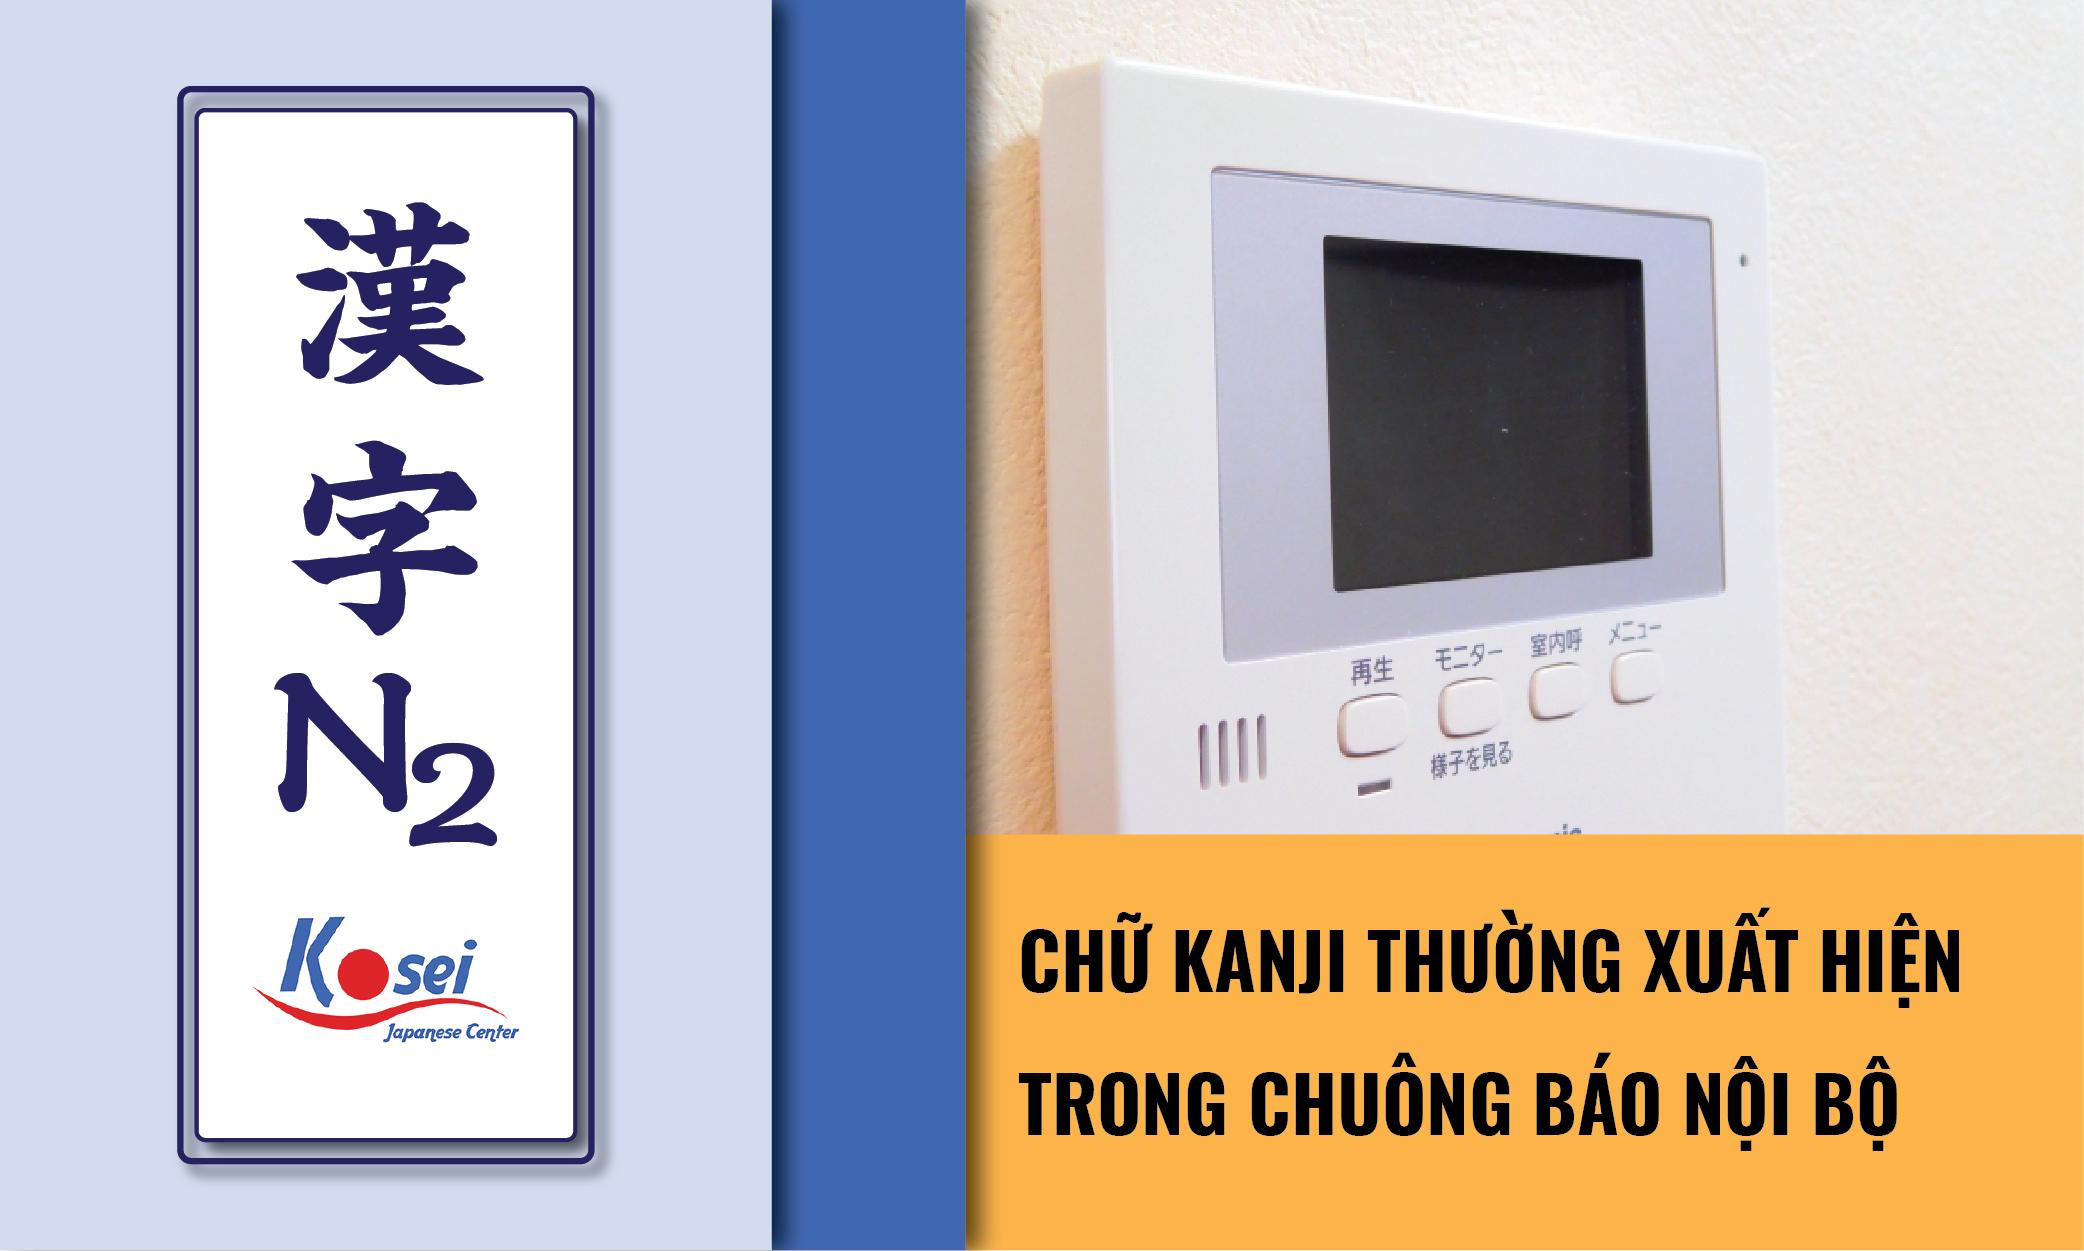 (Tổng hợp) Kanji N2: Các Kanji về điện thoại nội bộ